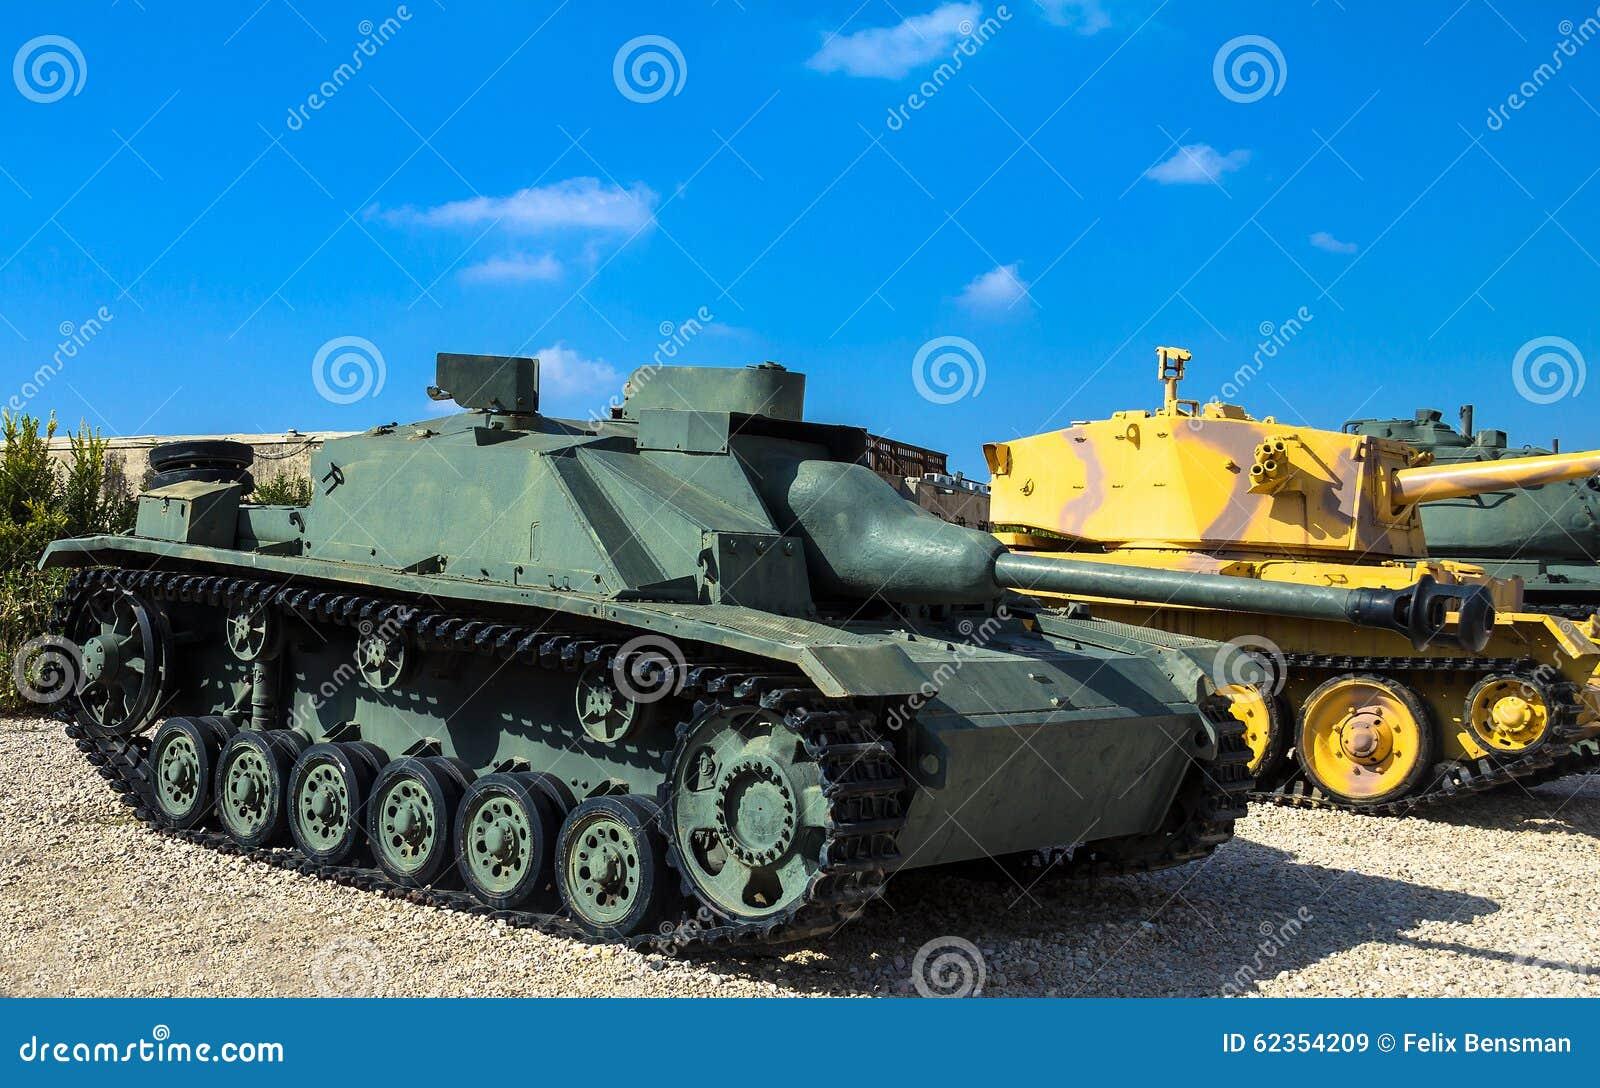 o contratorpedeiro de tanque feito alemão sturmgeschutz iii capturou